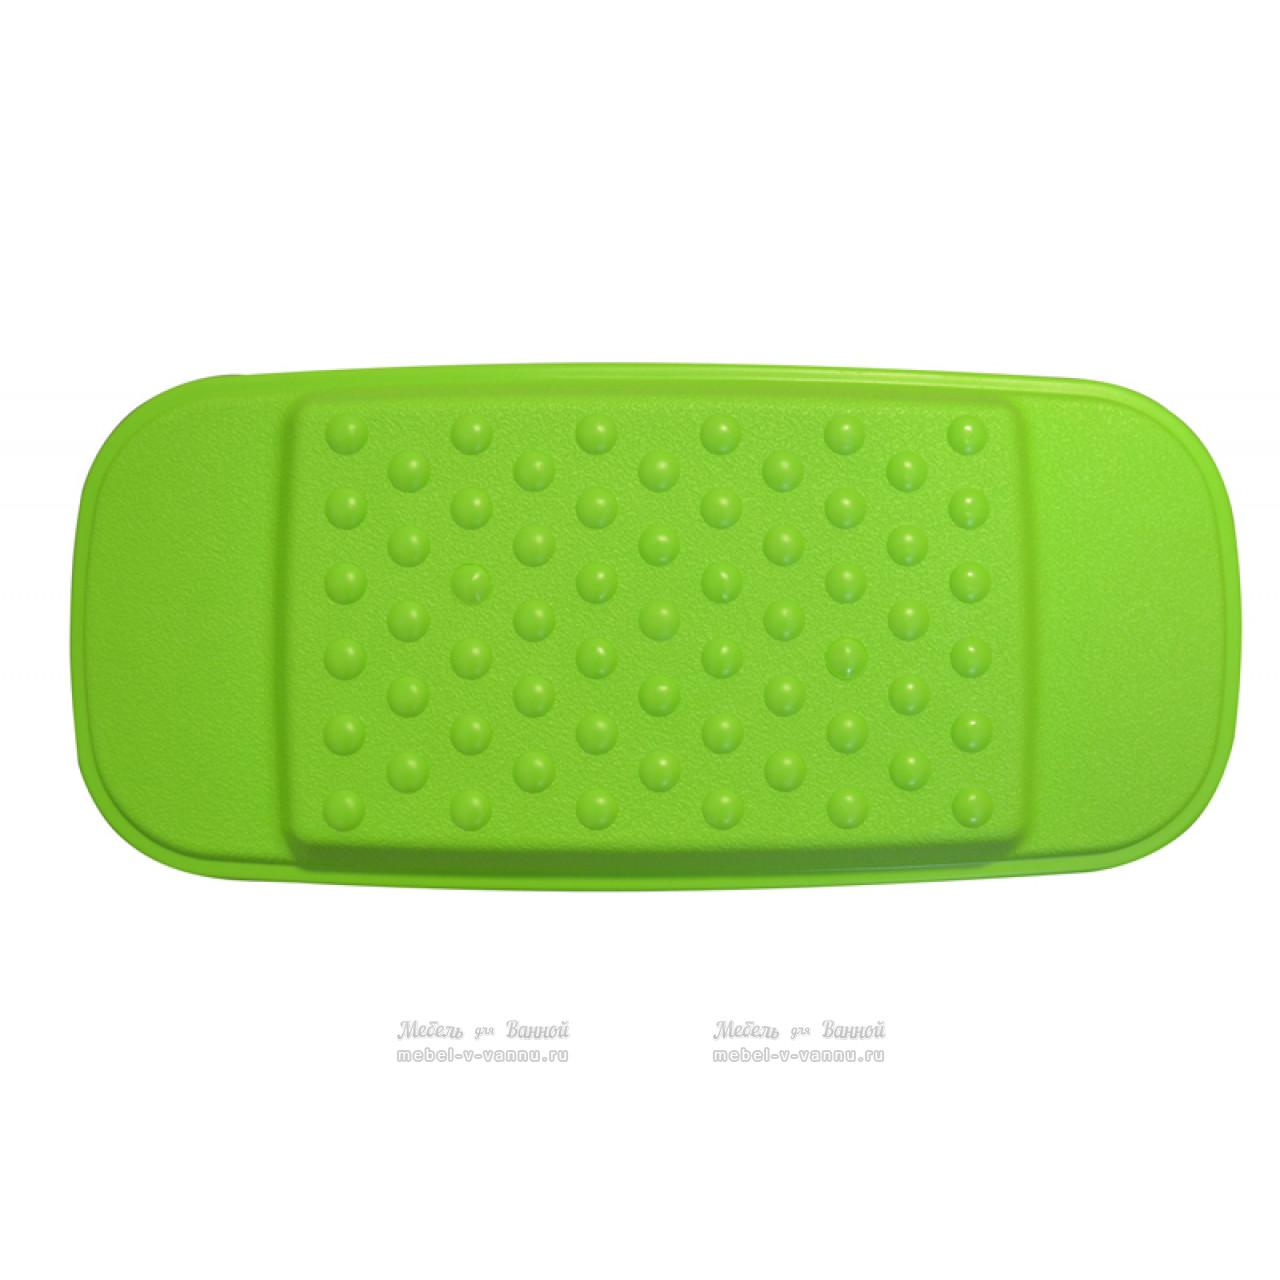 Подголовники для ванны Ridder 608635 зеленый, Aqm купить в Москве по цене от 456р. в интернет-магазине mebel-v-vannu.ru